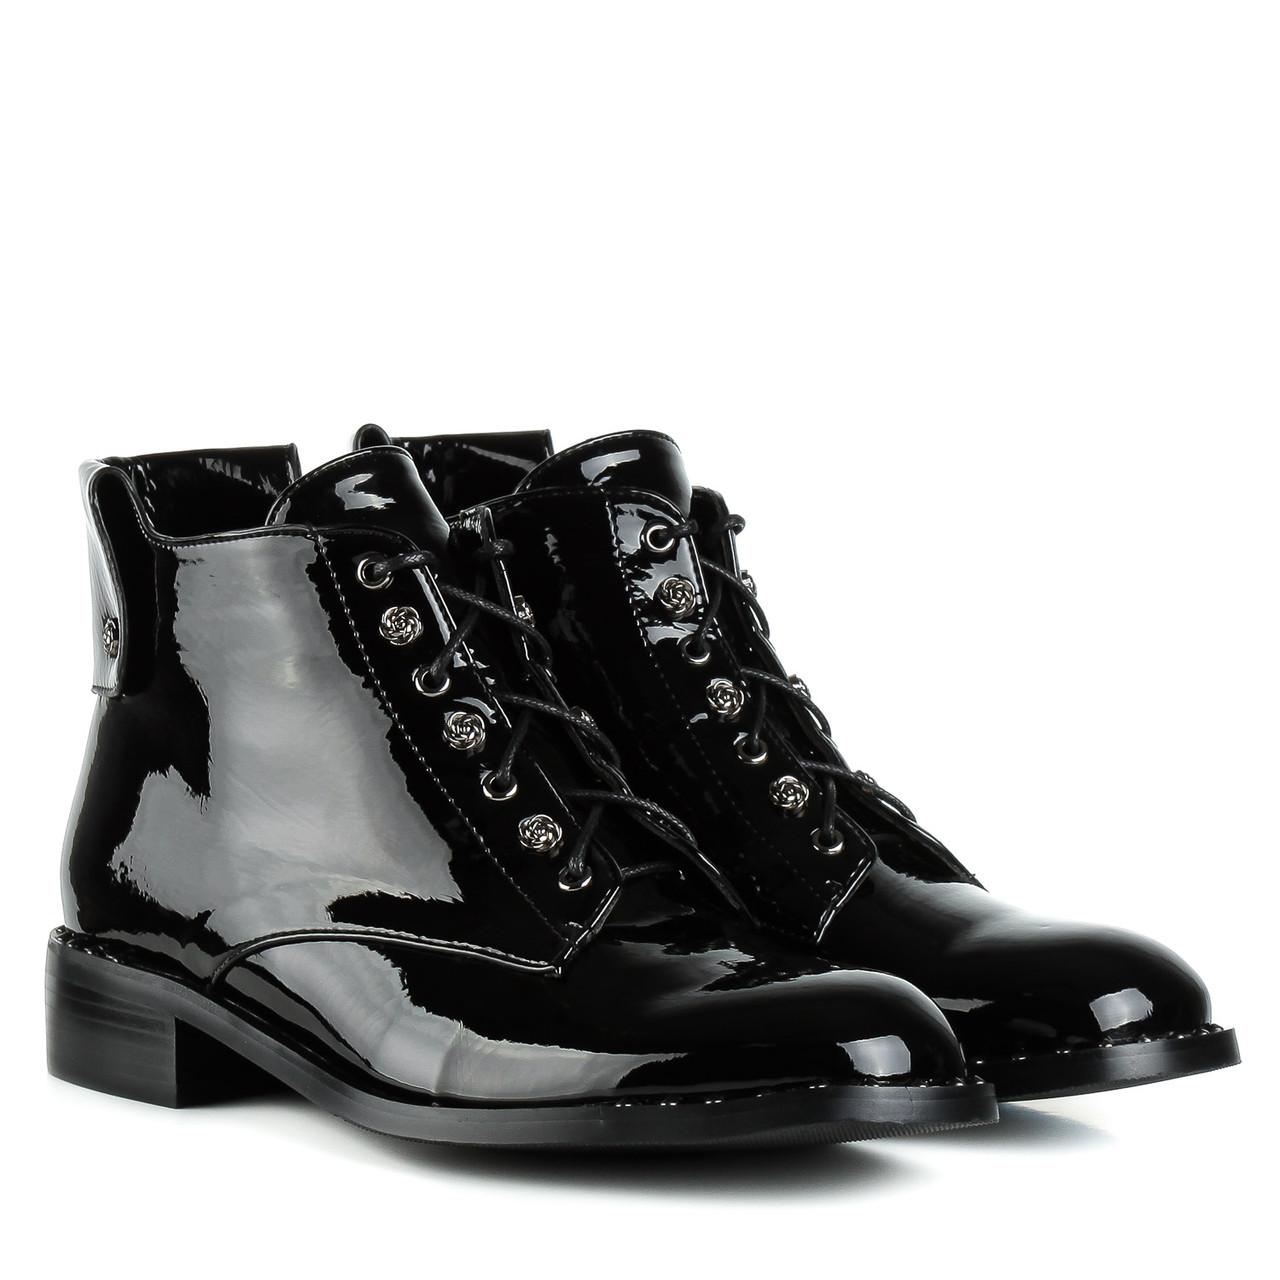 Ботинки женские SP LION (черные, стильные, удобные)